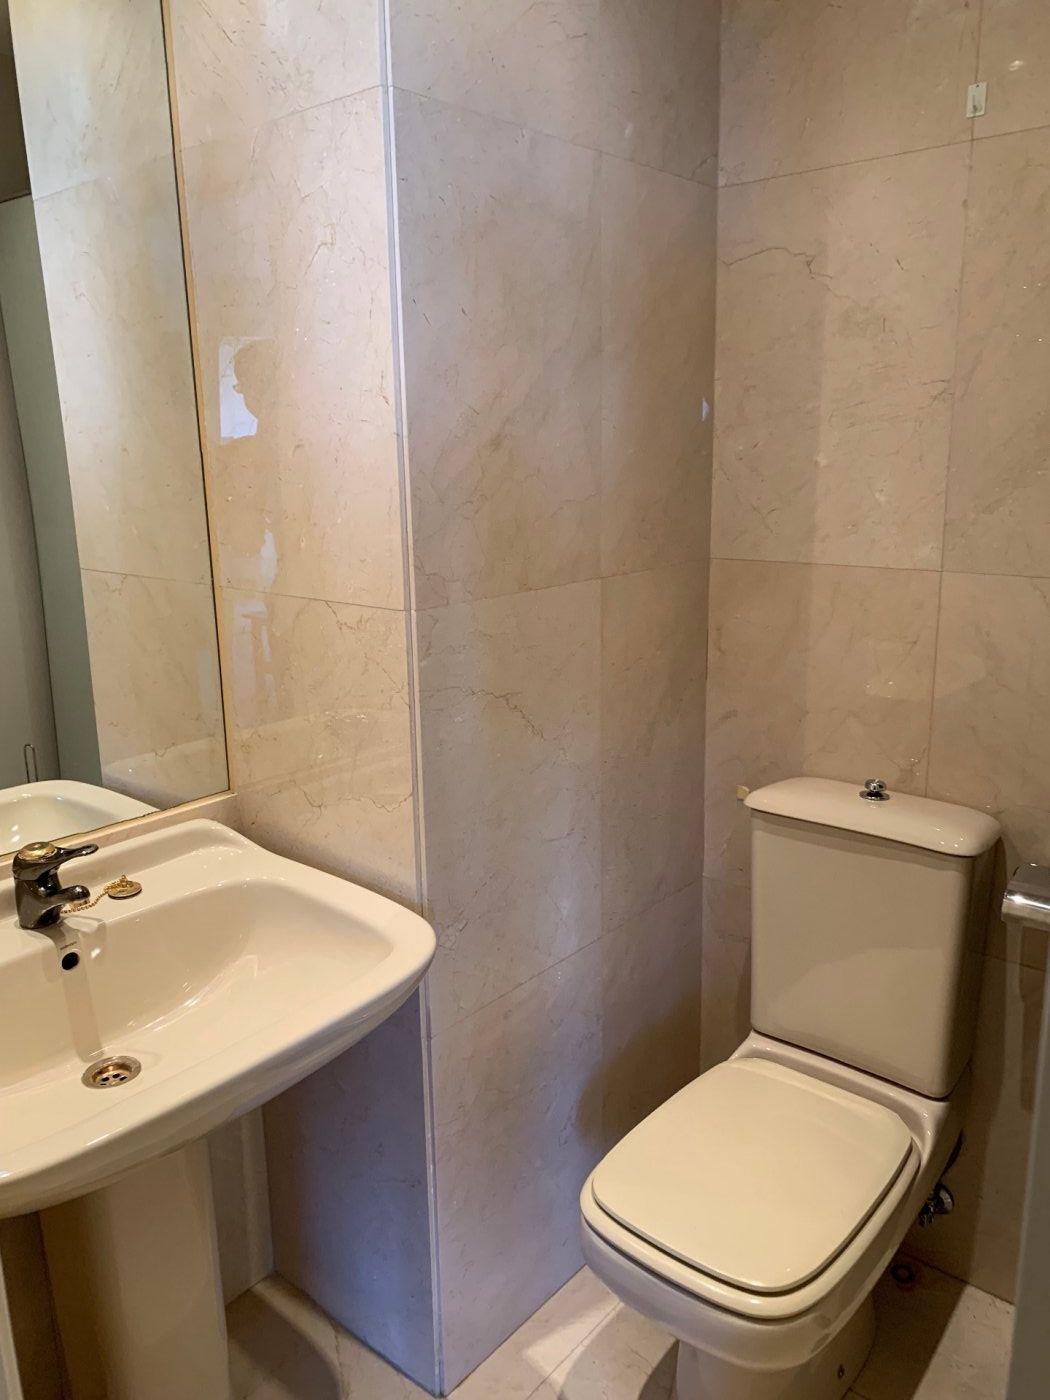 Venta o alquiler de piso en madrid - imagenInmueble27